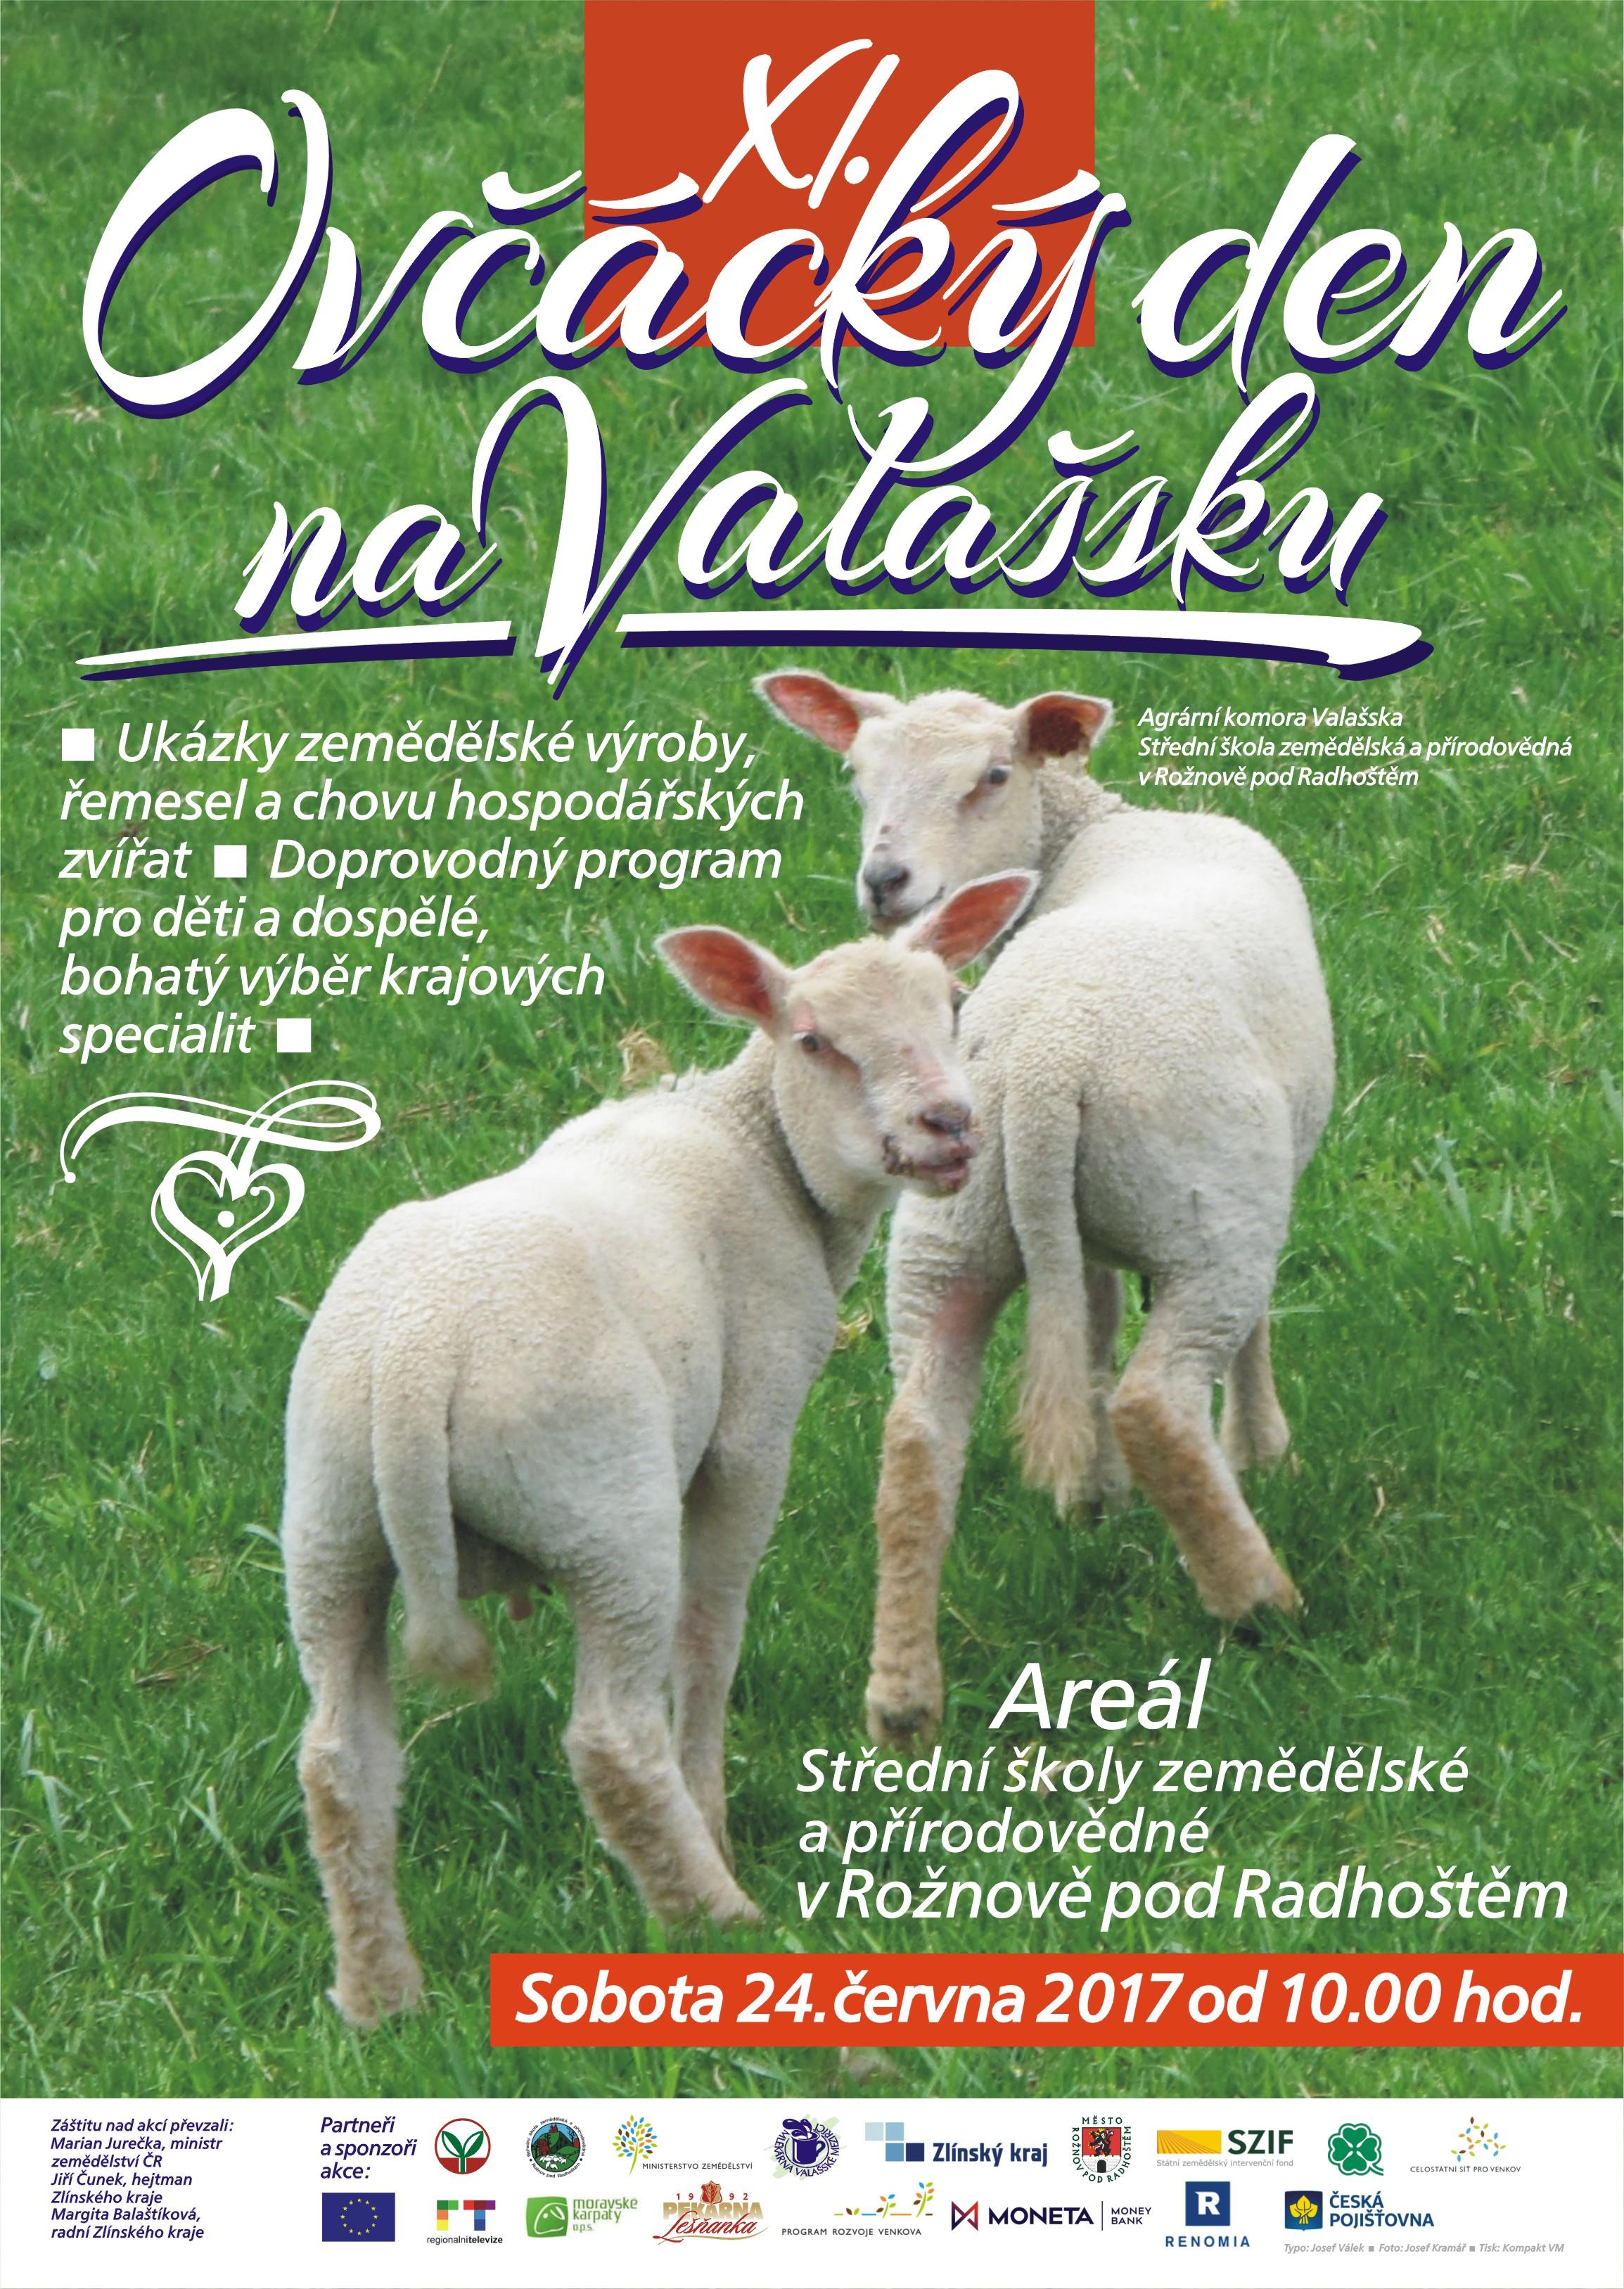 POZVÁNKA NA OVČÁCKÝ DEN NA VALAŠSKU - 24.6.2017